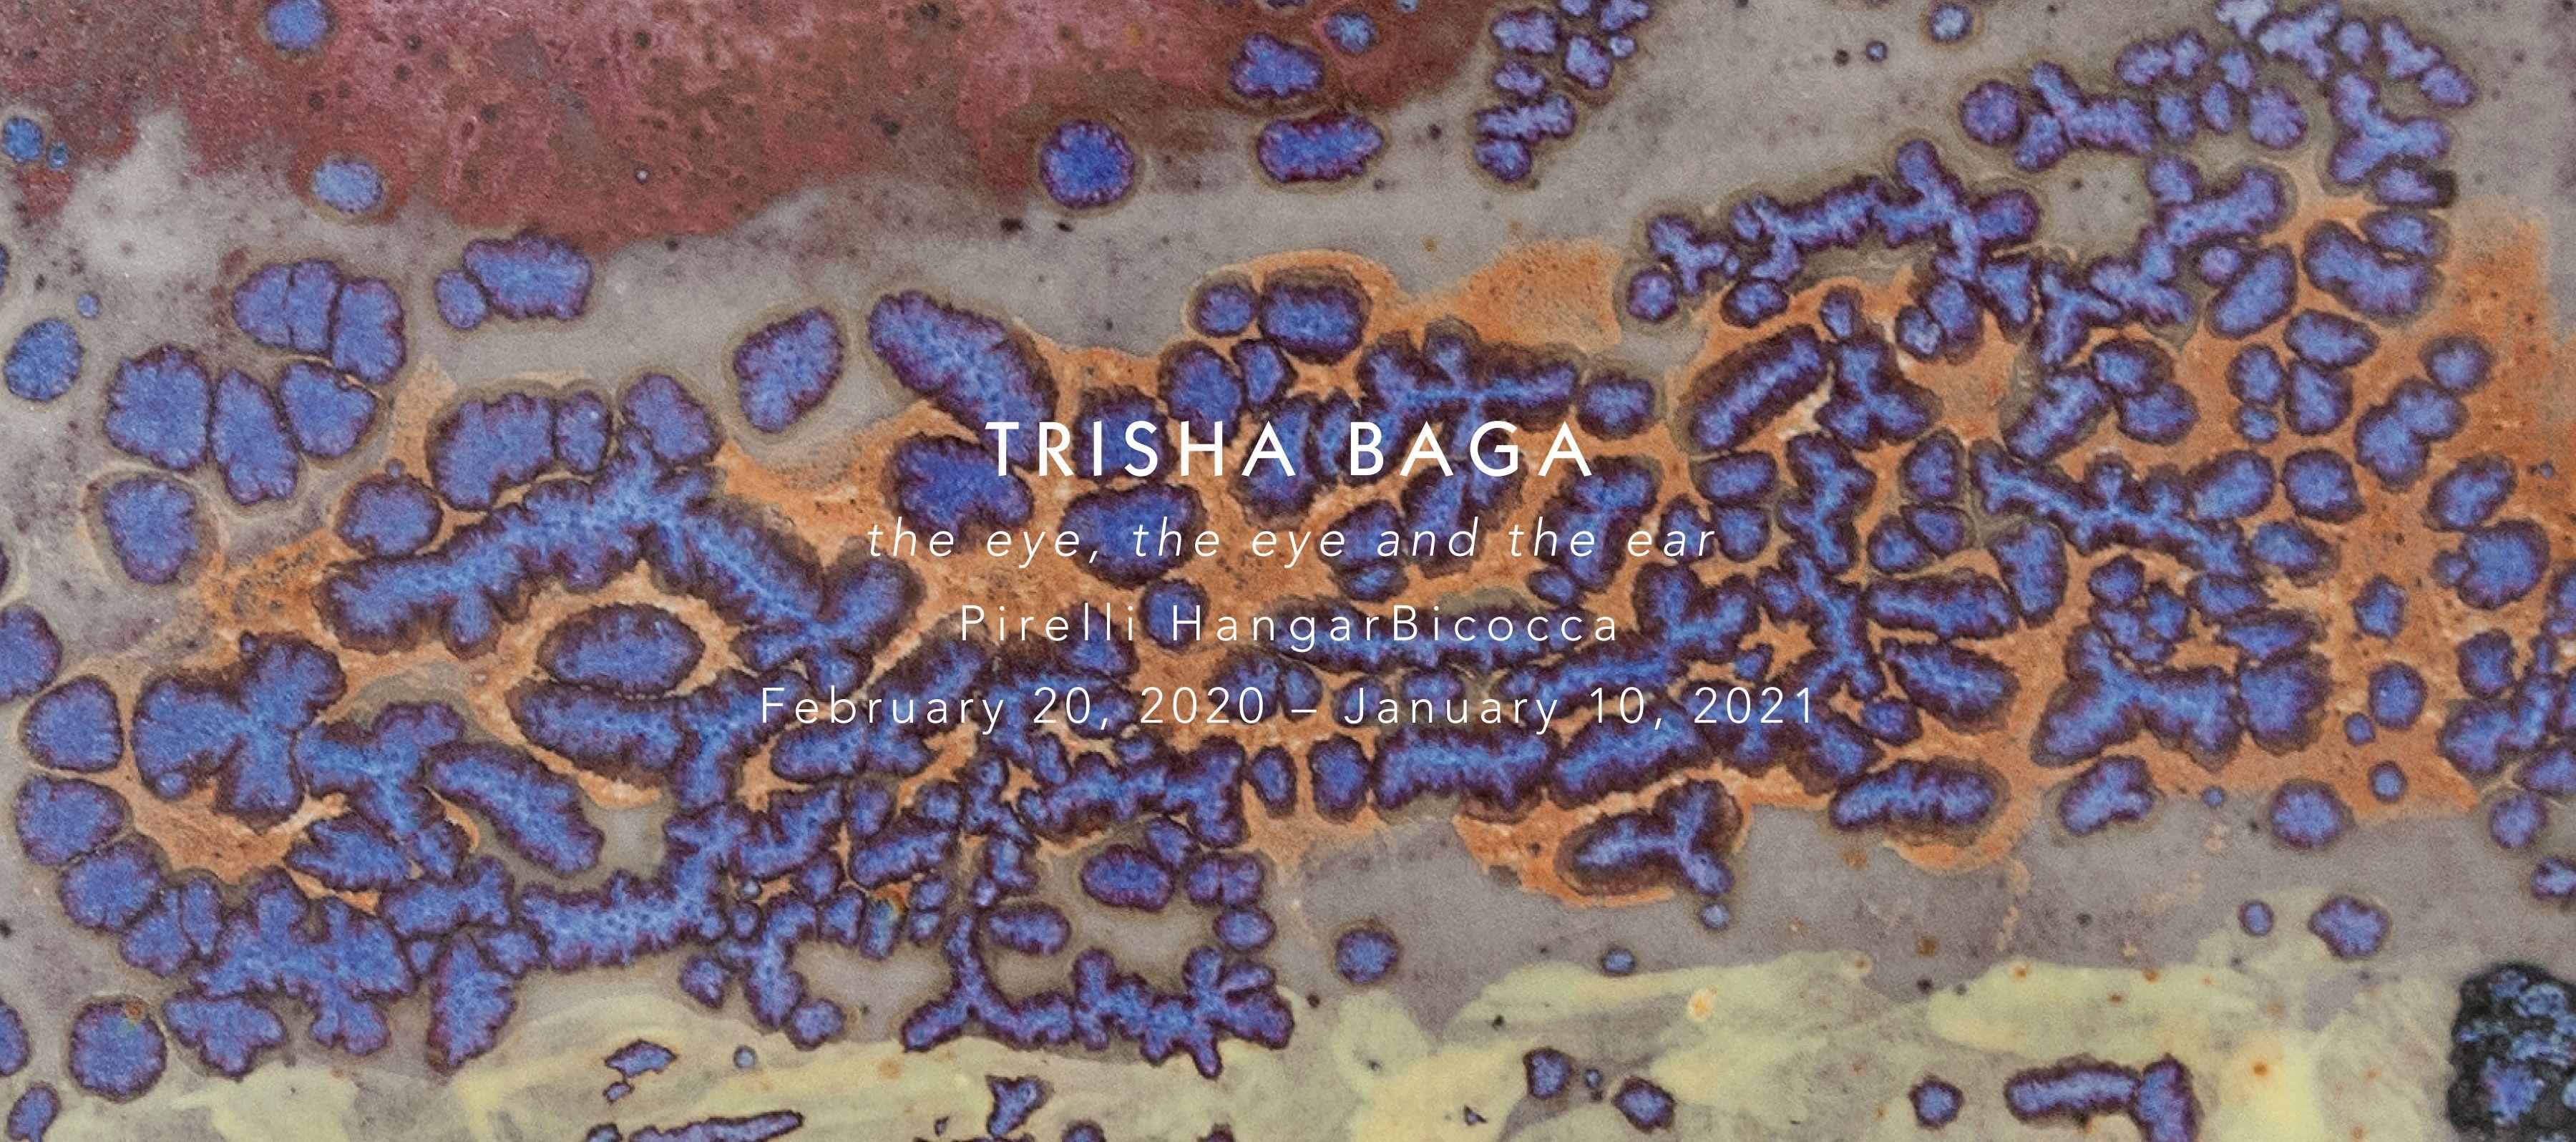 Trisha Baga